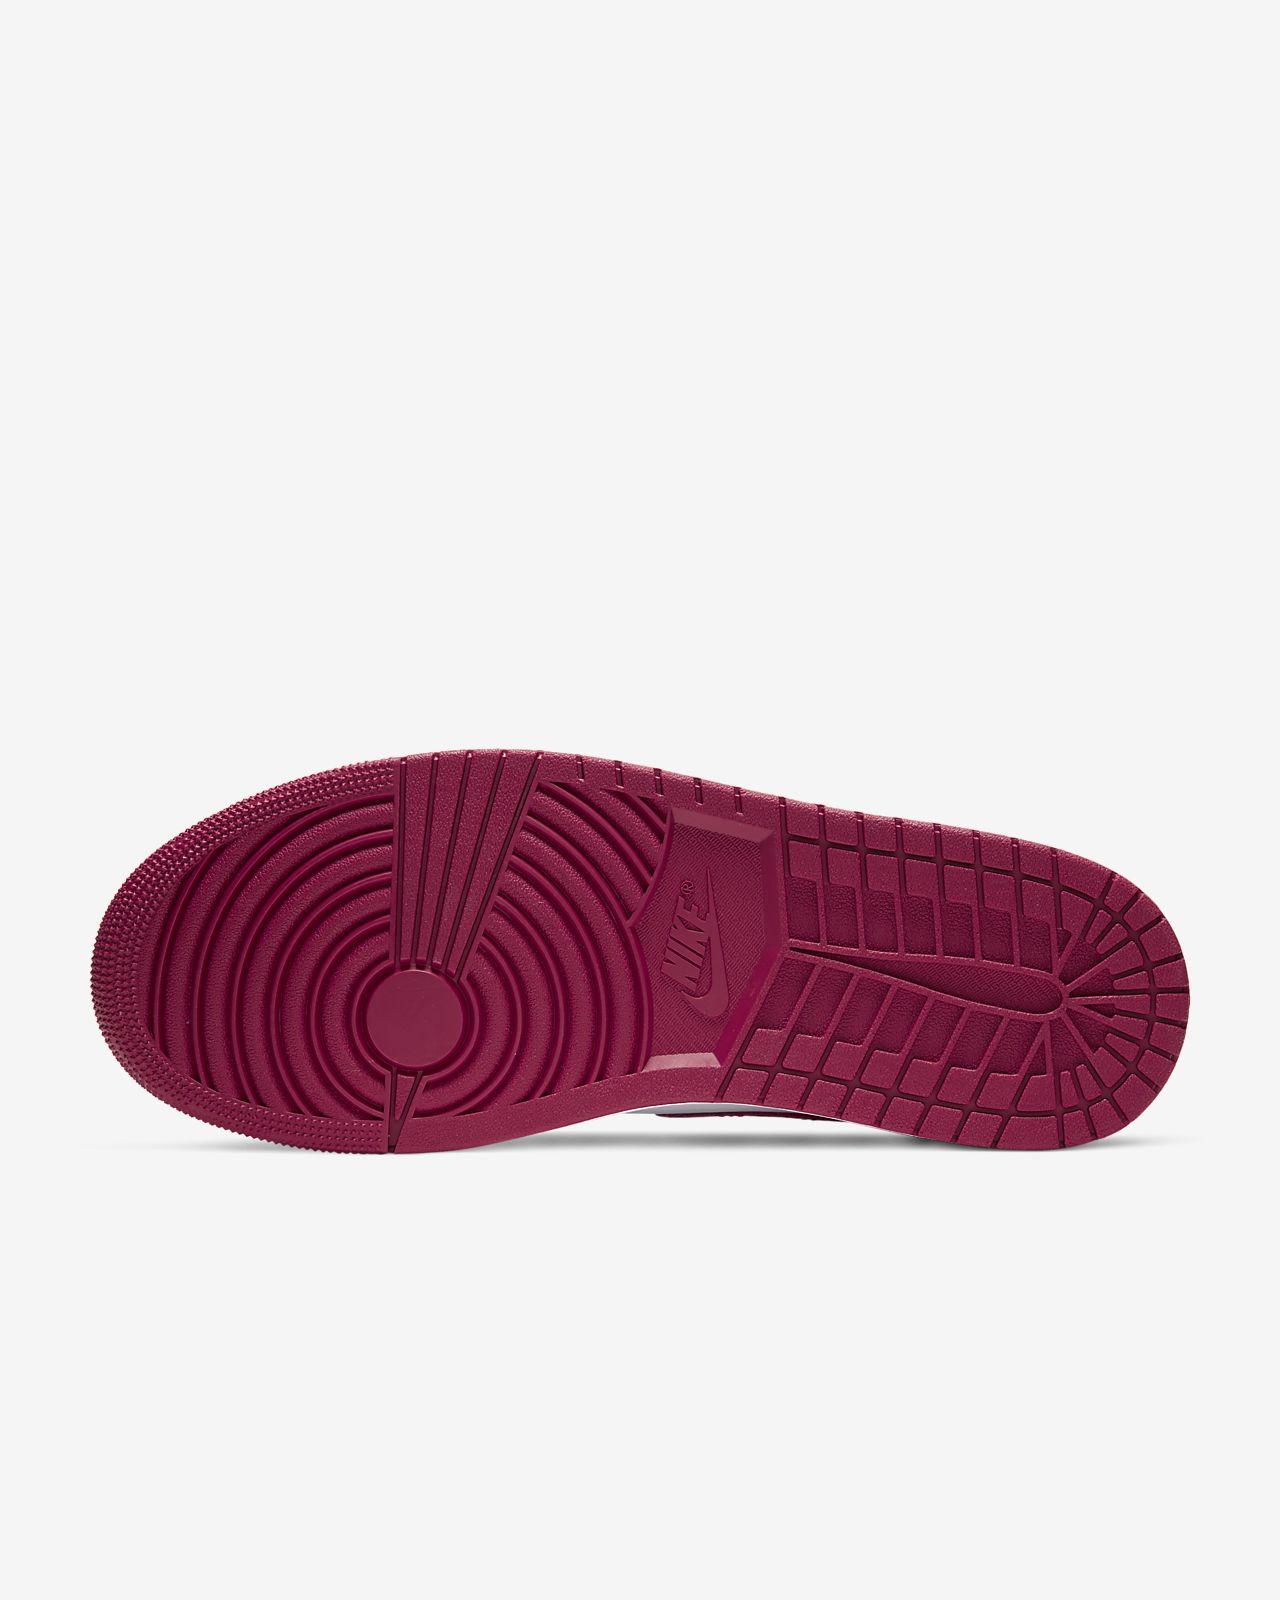 2016 Nike Air Jordan 3 Mens Basketball Shoes Black Red Large